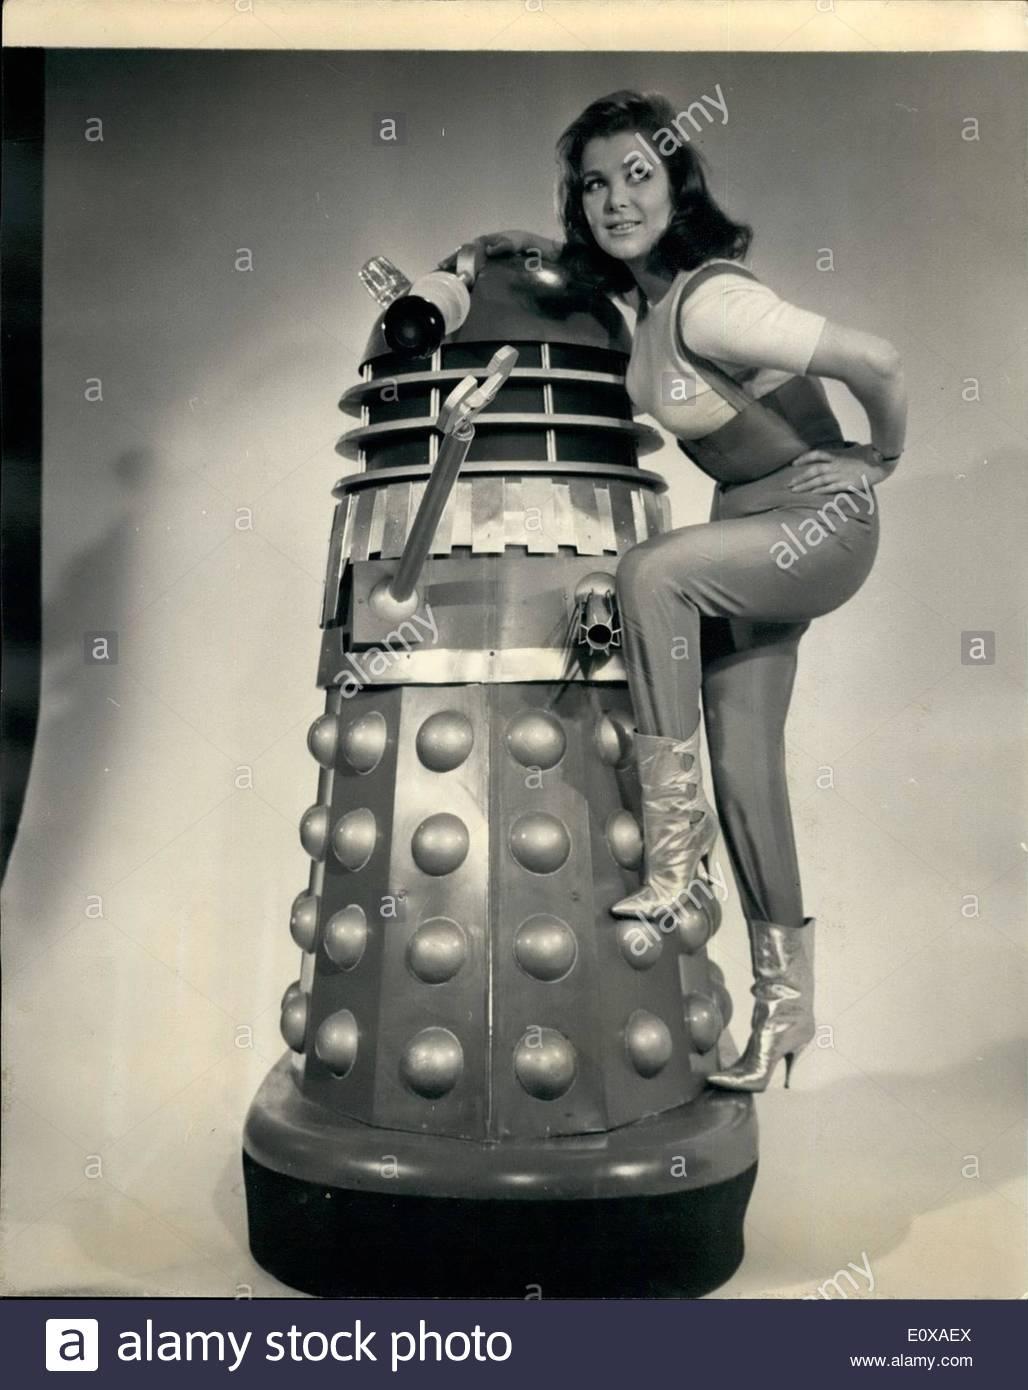 jan-01-1966-jills-a-girl-with-a-future-24-year-old-jill-curzon-has-E0XAEX.jpg